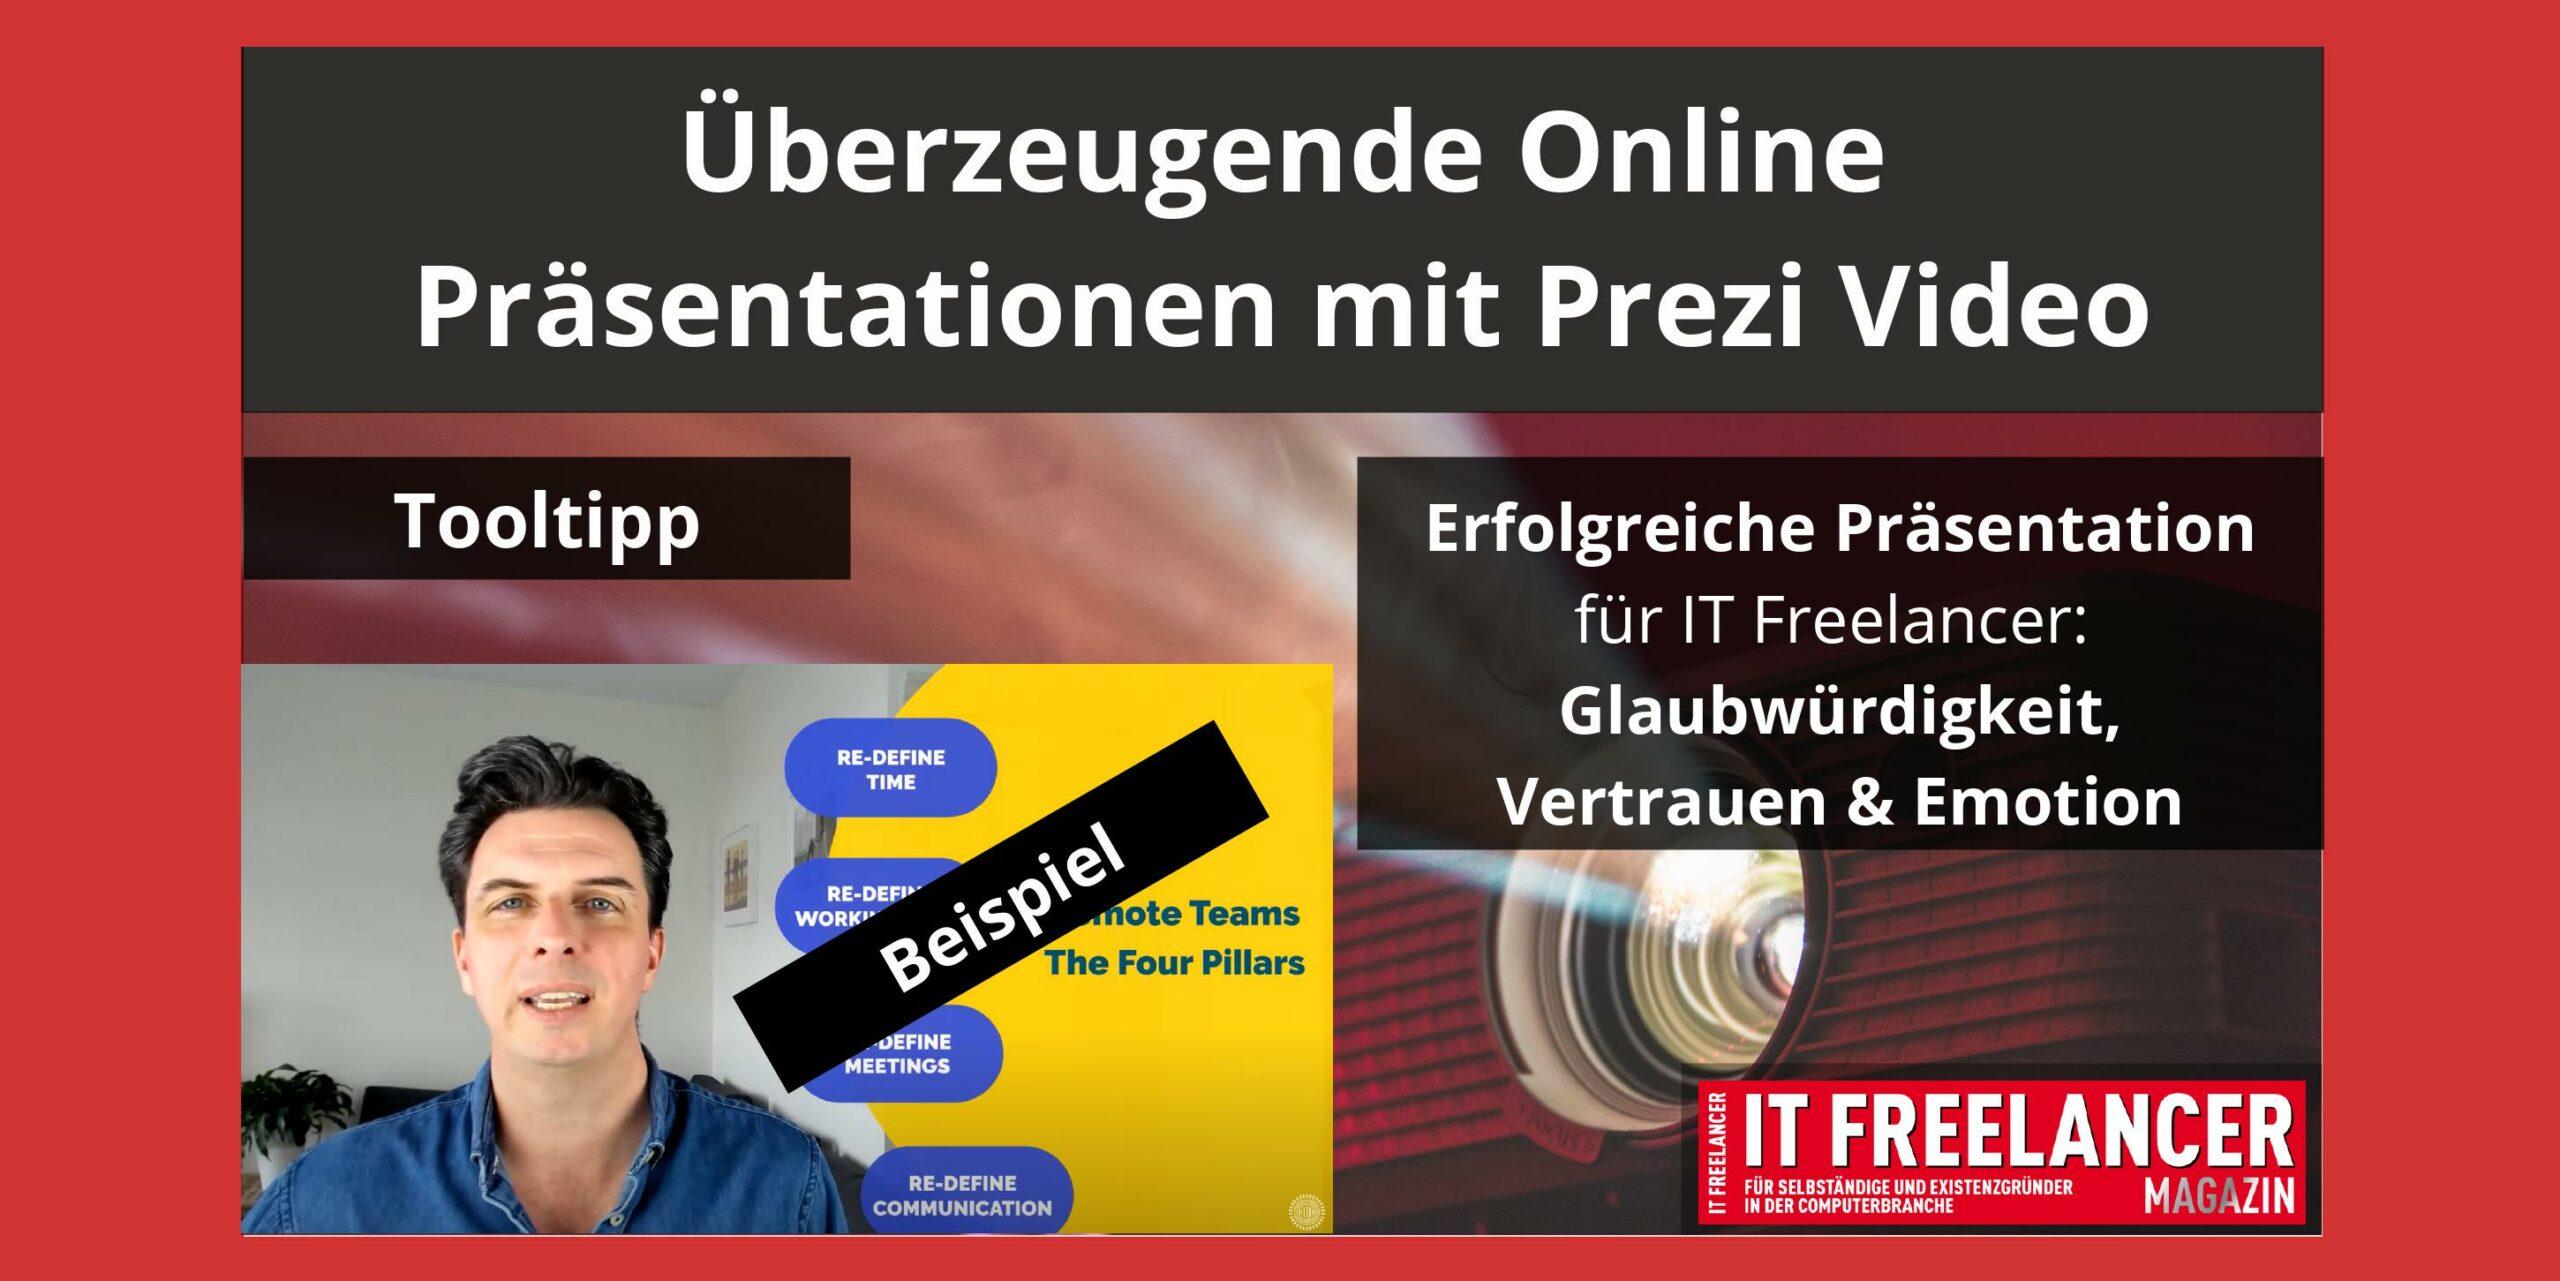 Überzeugende Online Präsentationen mit Prezi Video